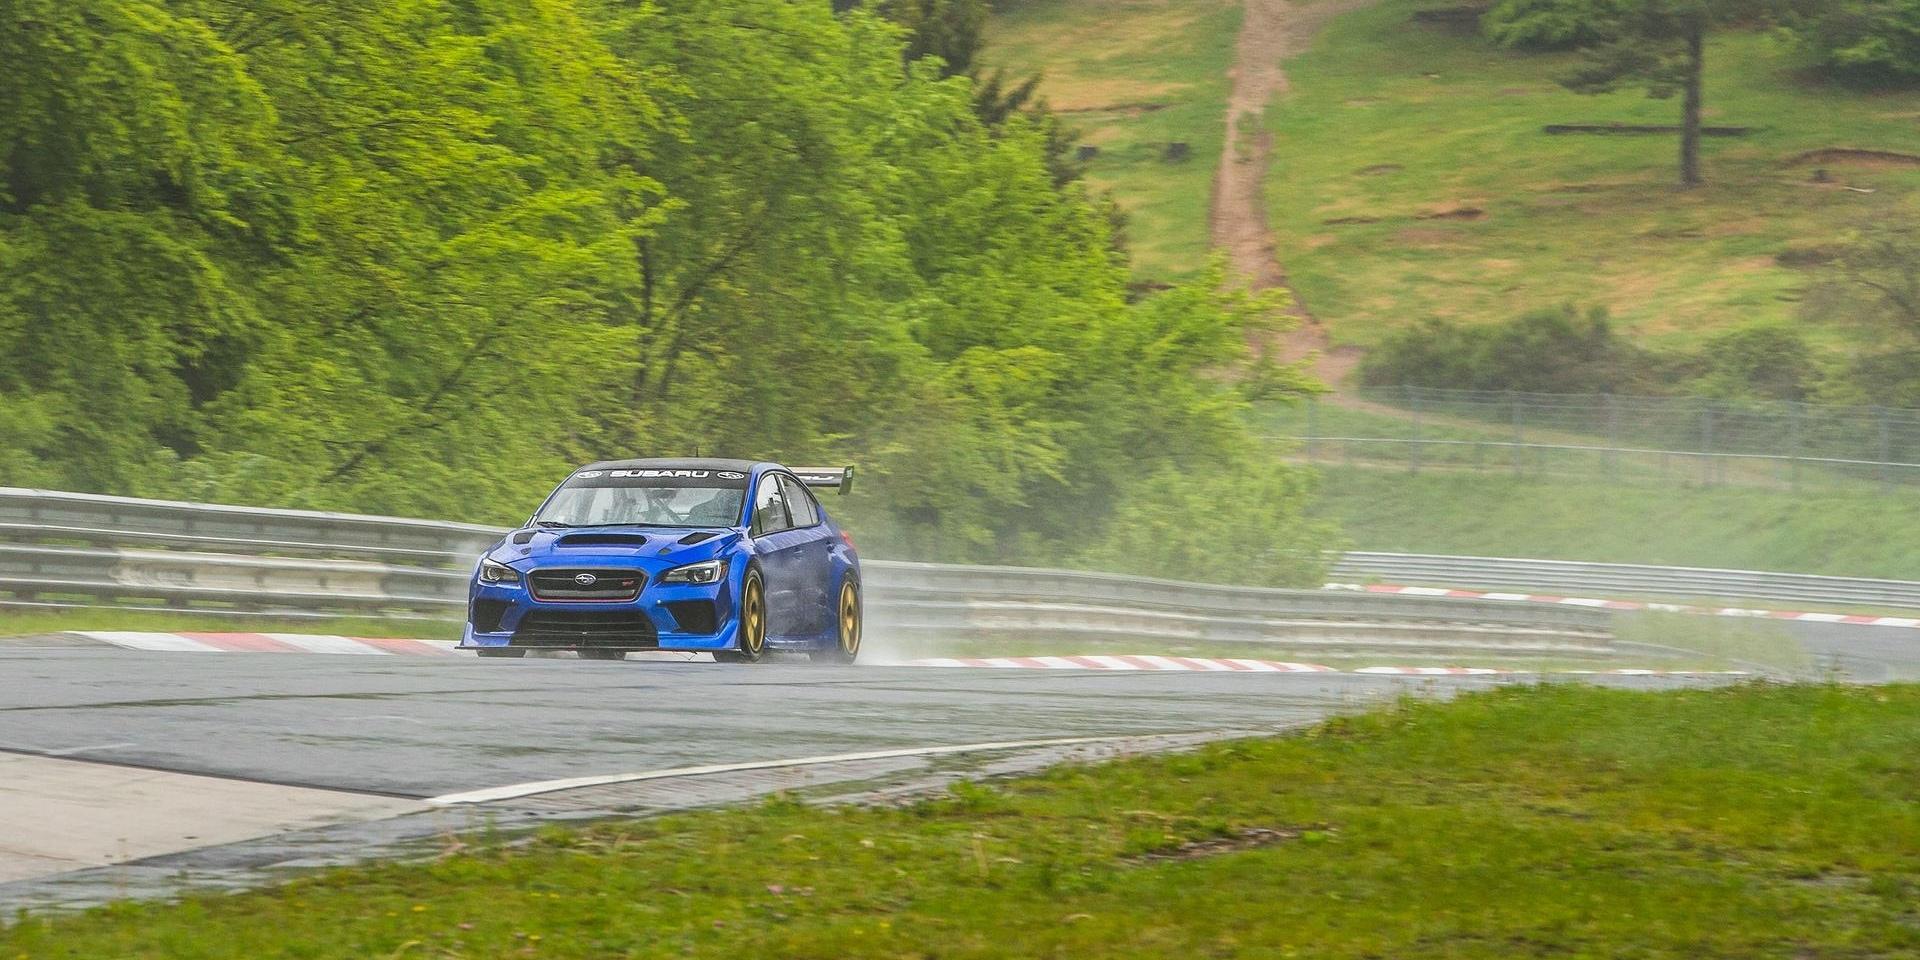 再寫最速四門房車記錄,Subaru WRX STI雨天跑出紐柏林最速